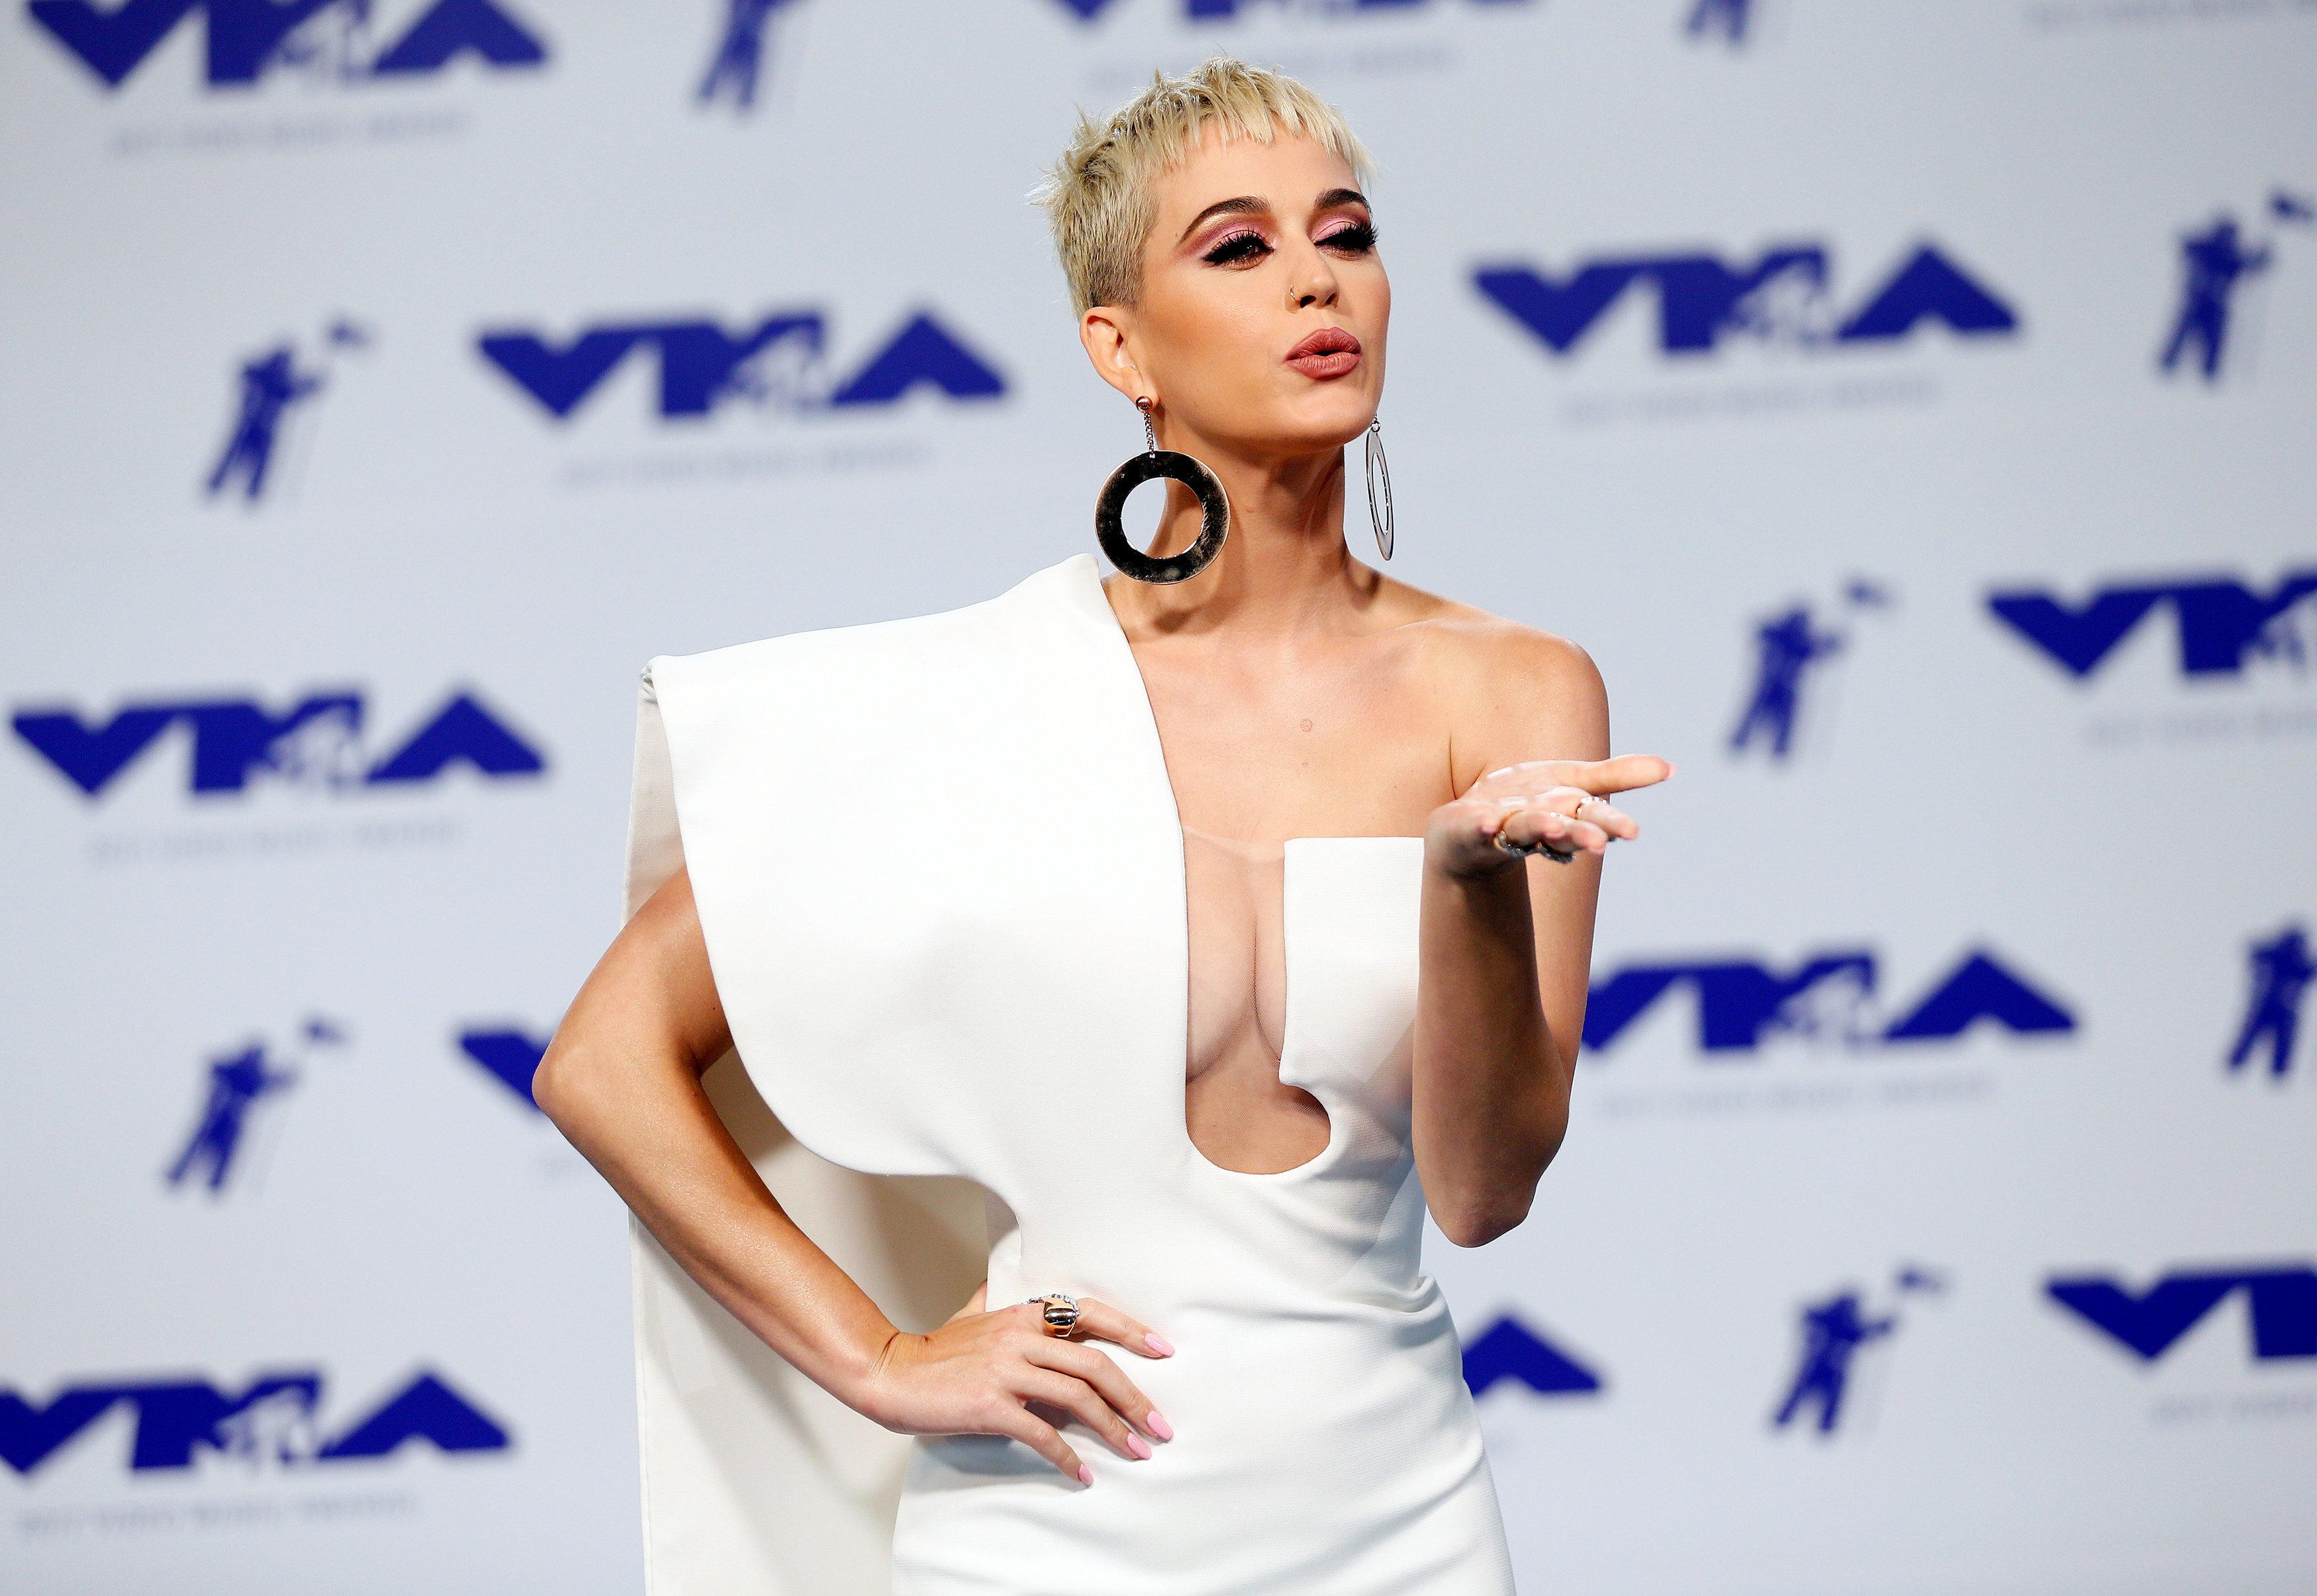 Δέκα χρόνια μετά, η Katy Perry έχει άλλη γνώμη για το «I Kissed A